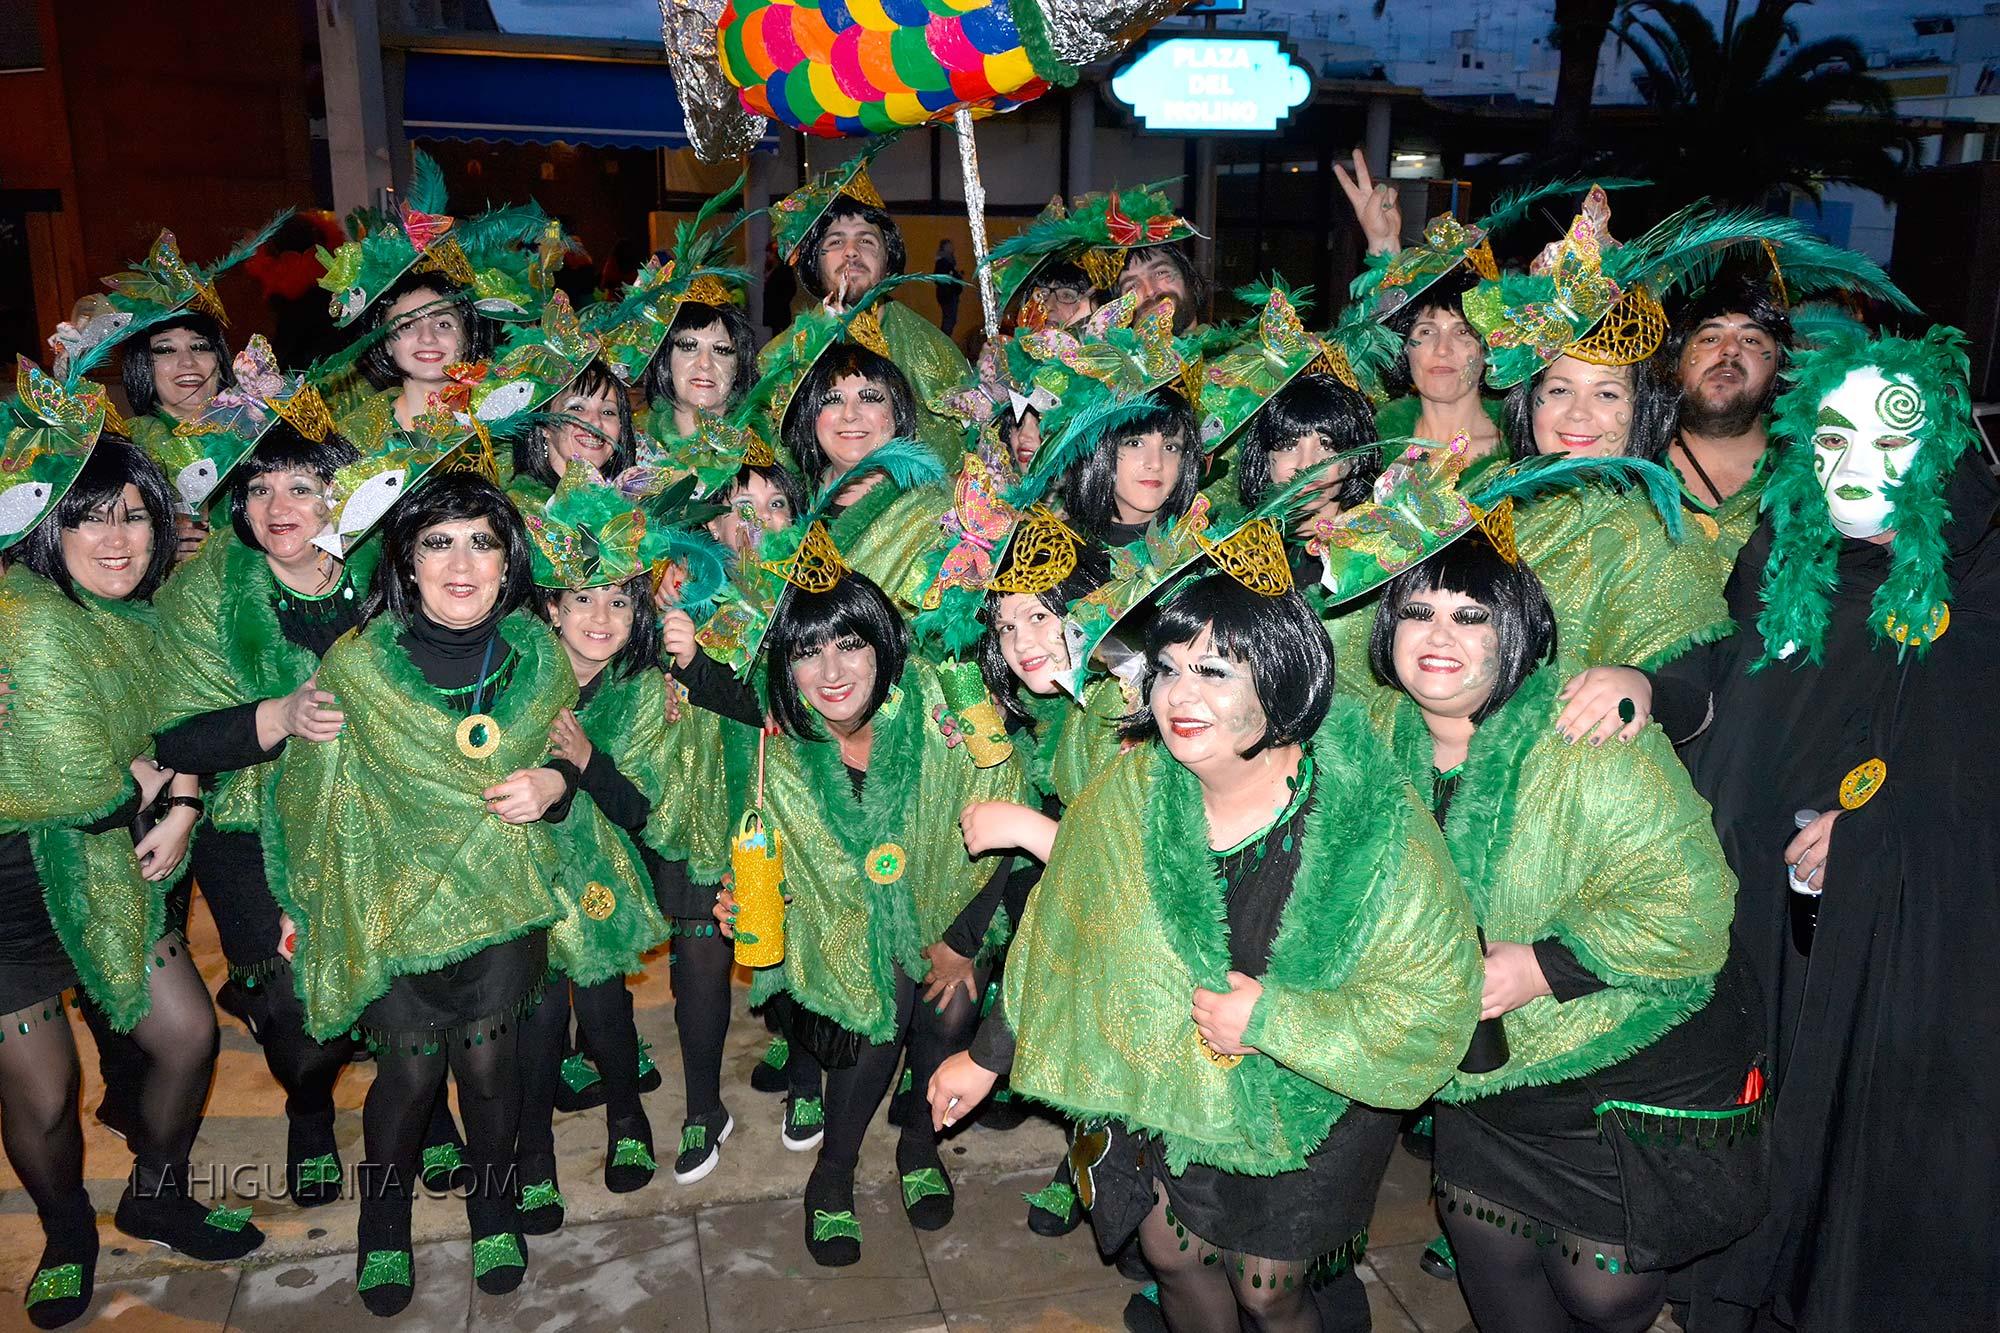 Entierro de la sardina carnaval isla cristina _DSC1921